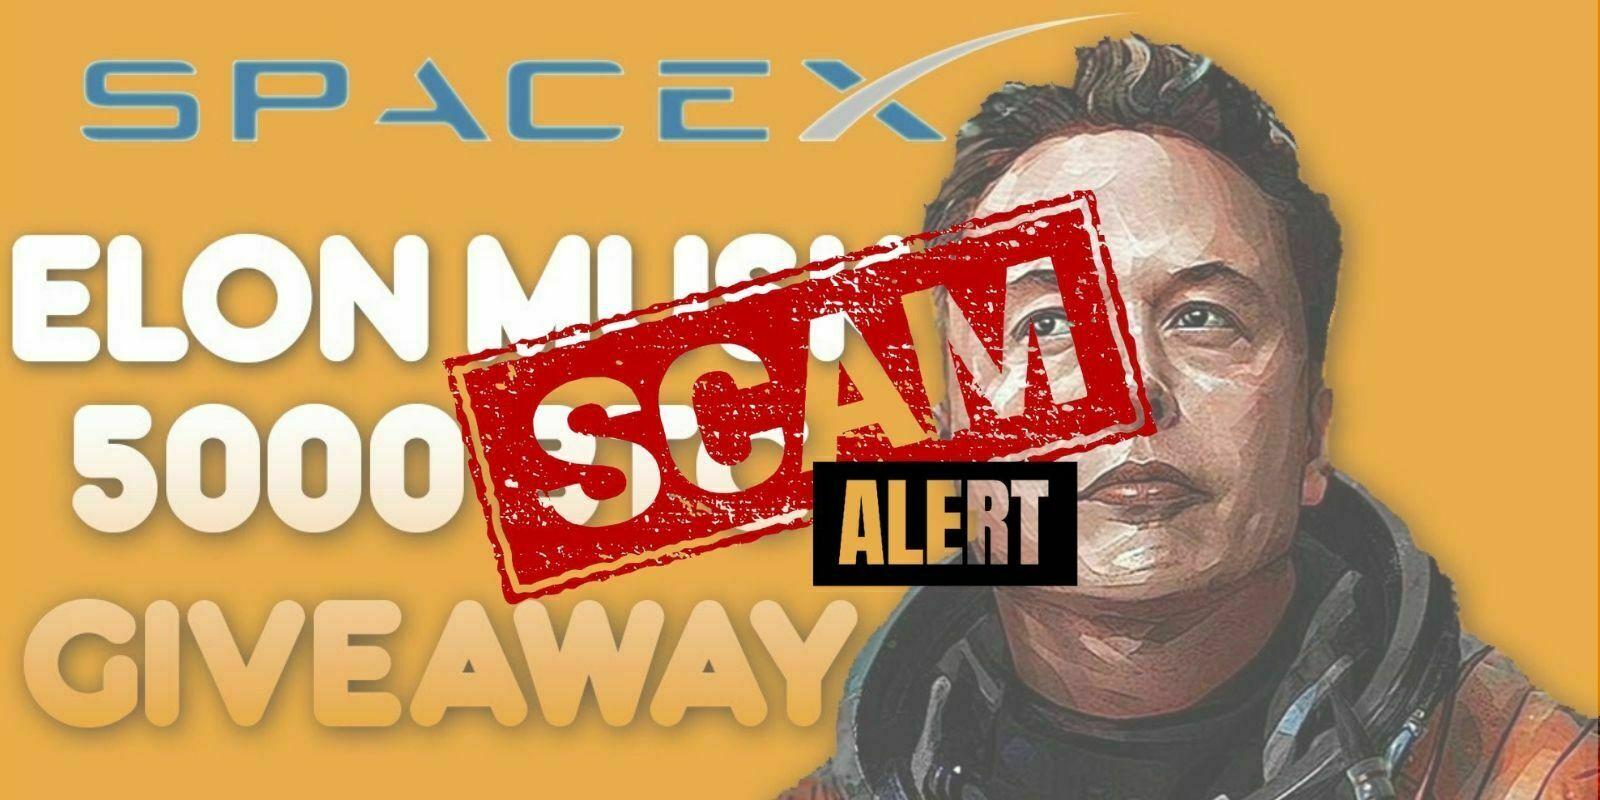 De fausses diffusions de SpaceX sur YouTube extorquent $180k en BTC